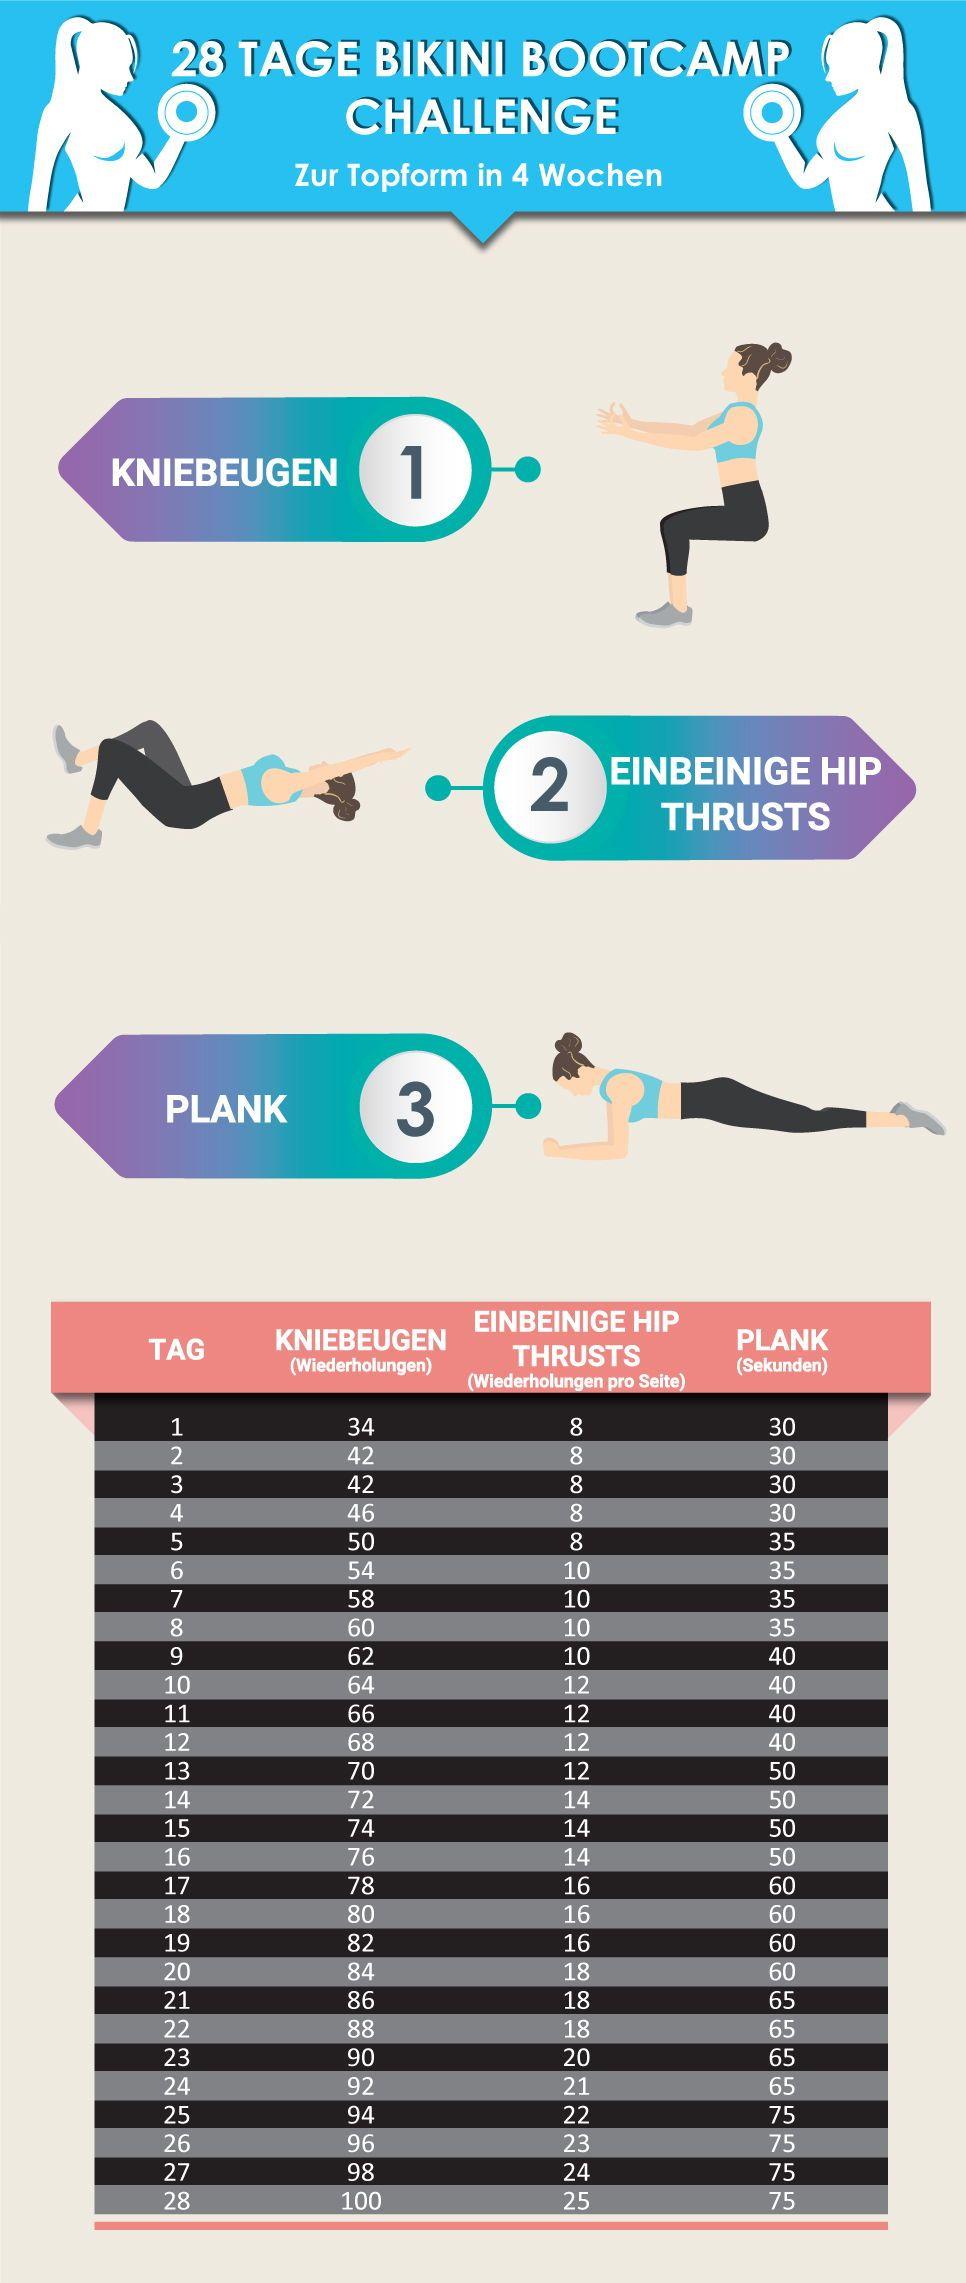 Einfache Übungen zu Hause zu machen und Gewicht zu verlieren